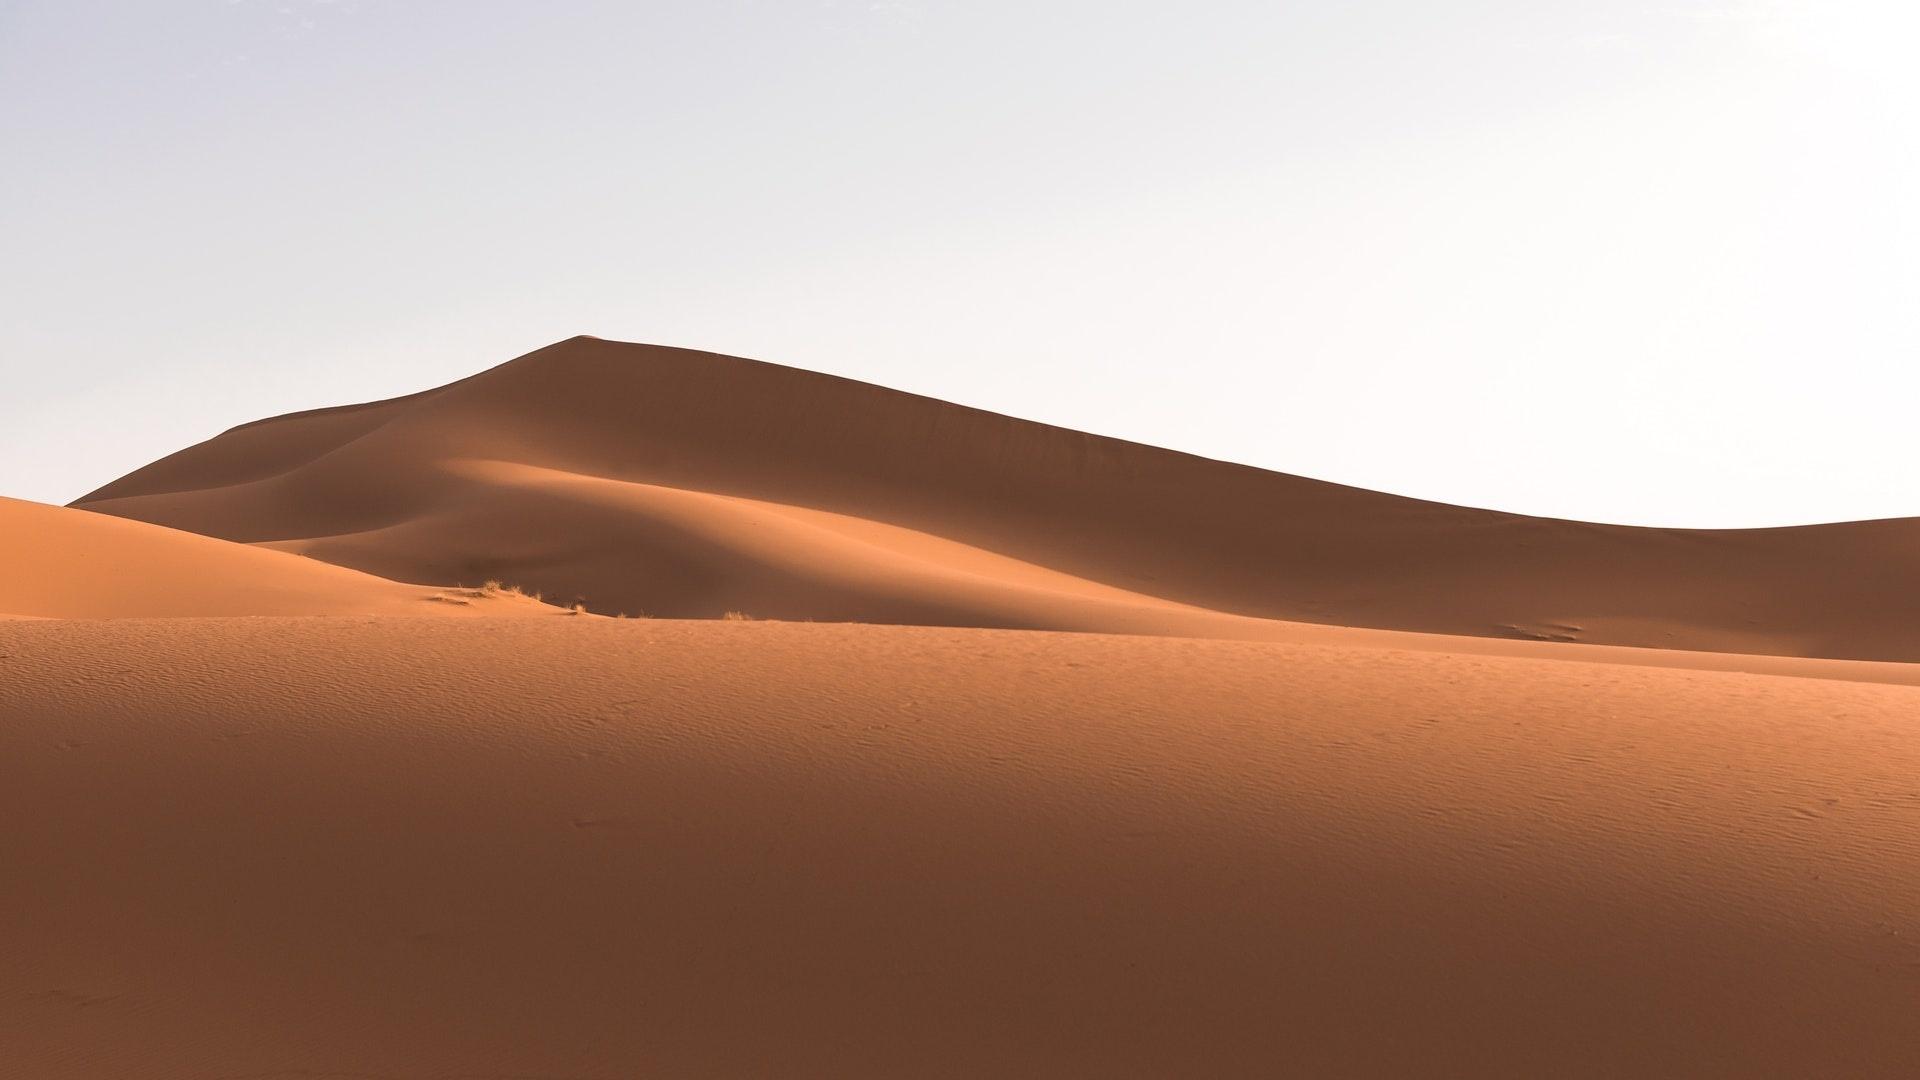 Desert wallpaper for computer